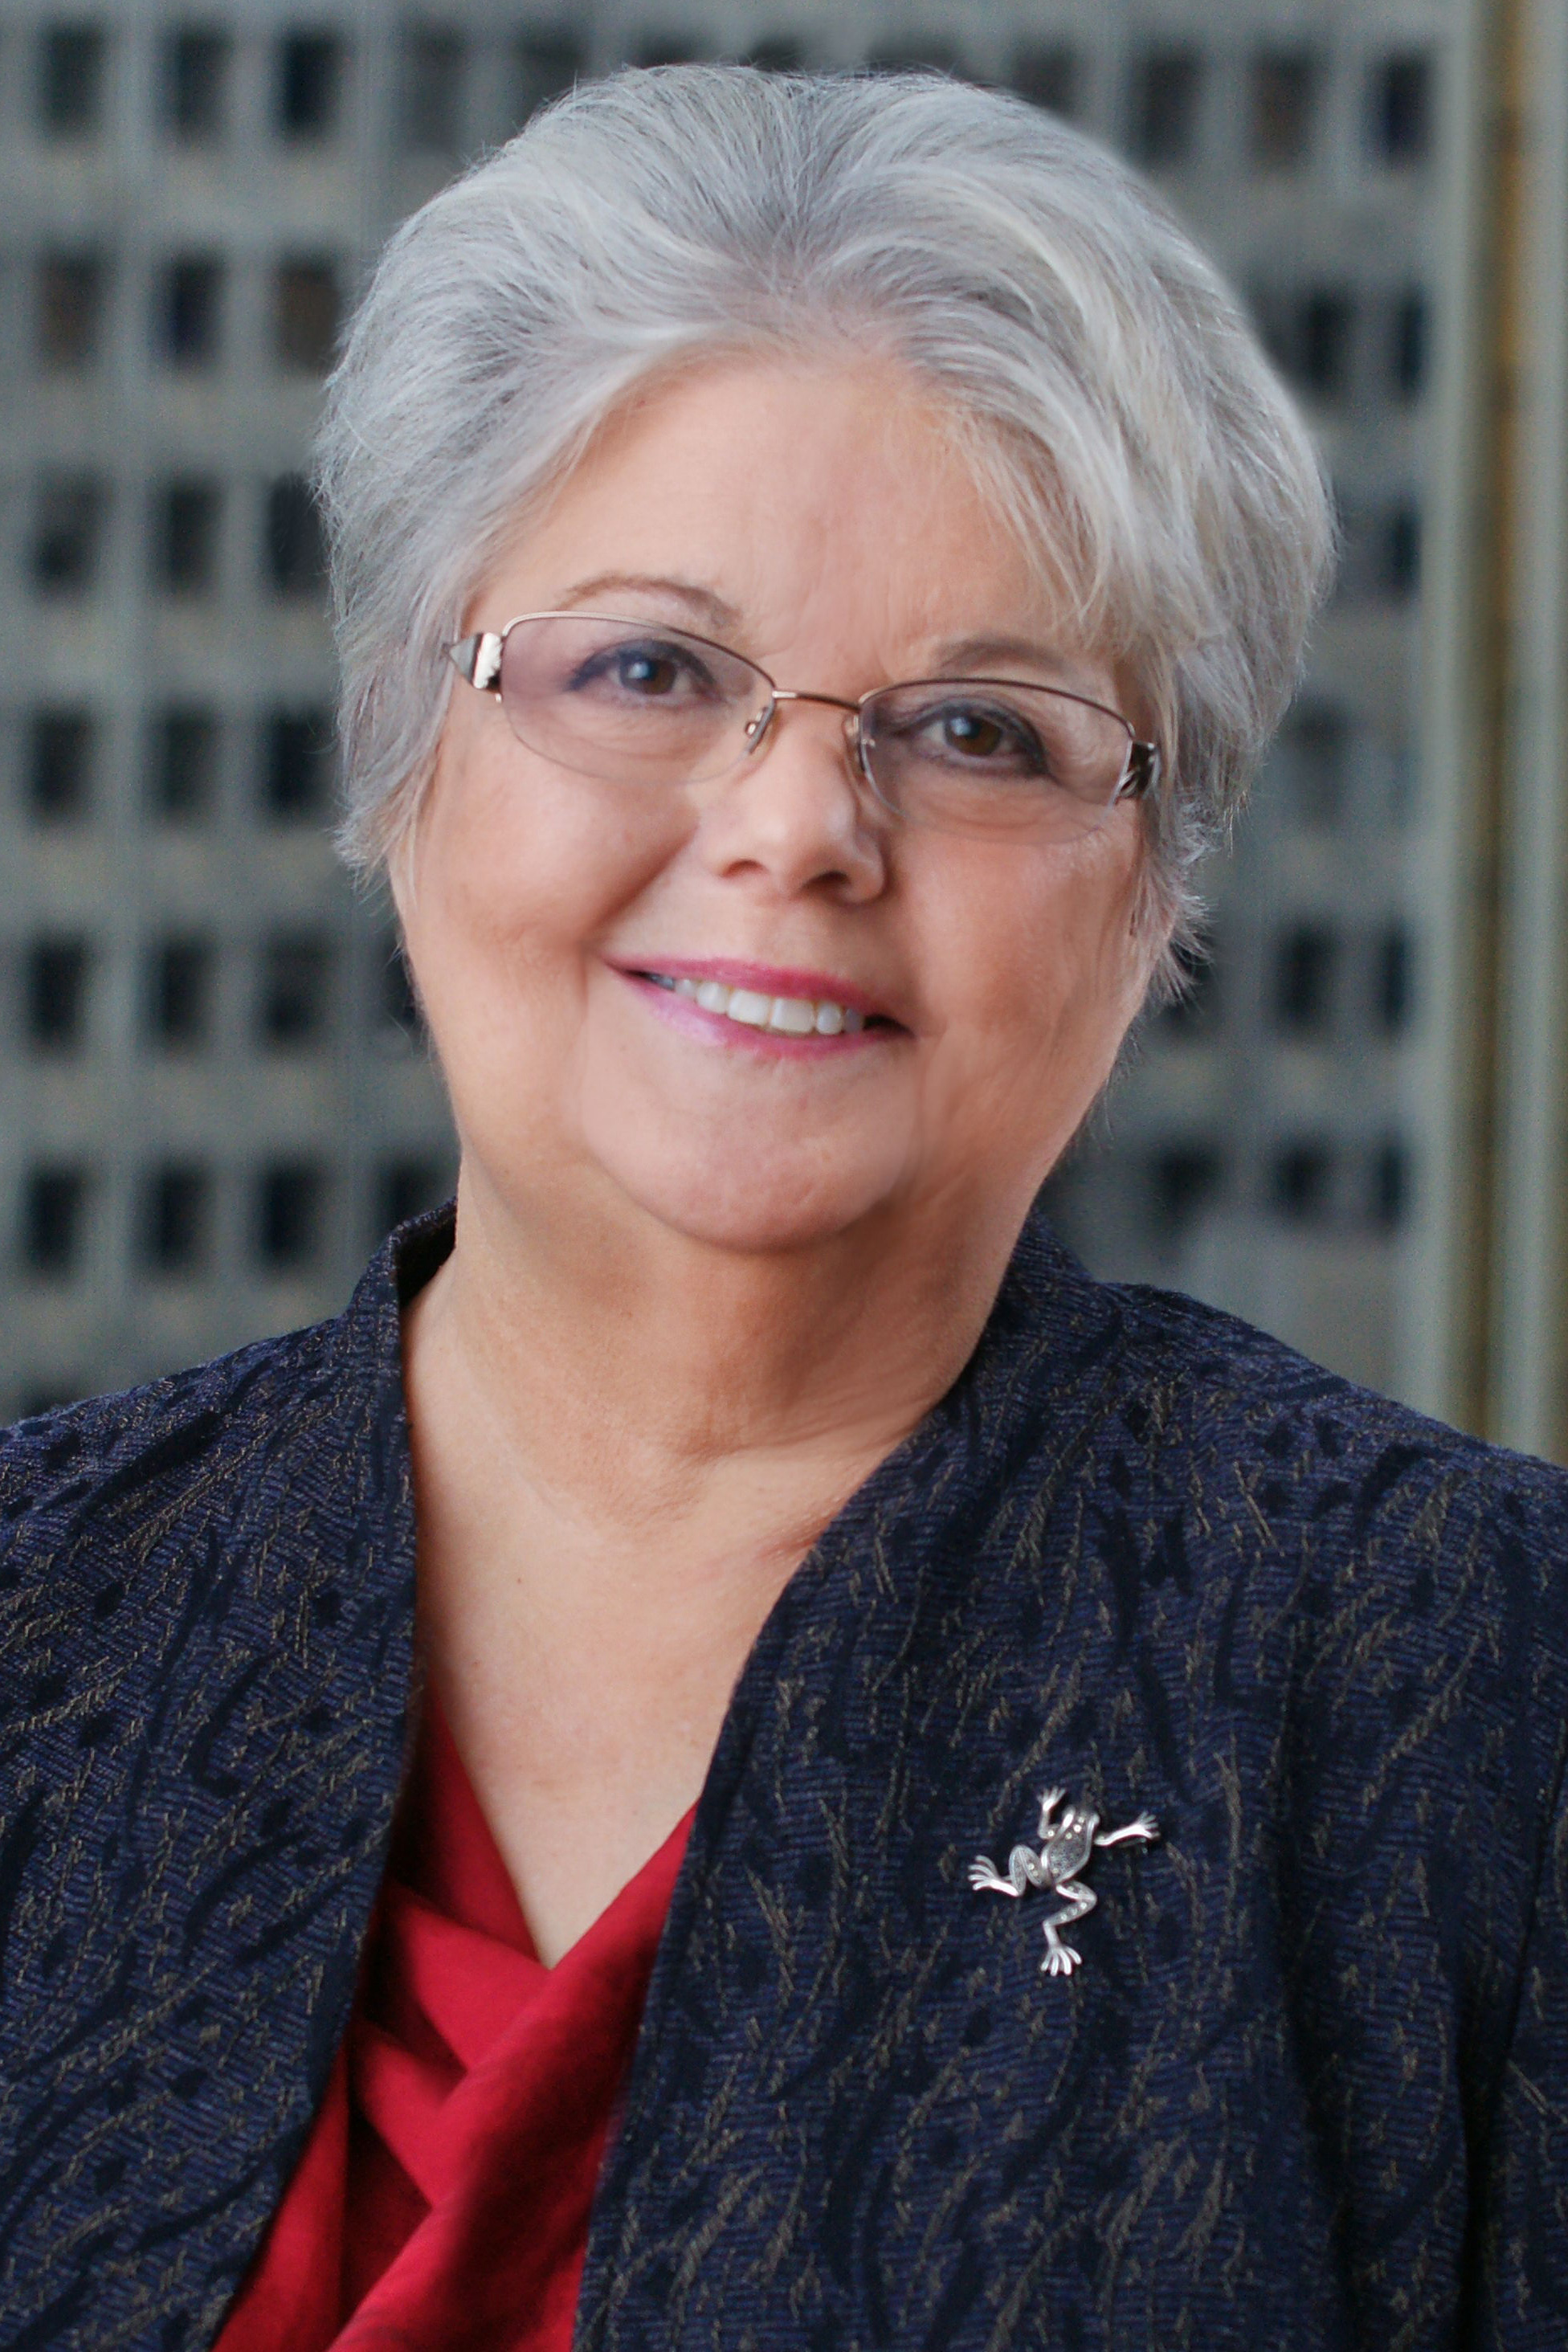 Barbara Ankersmit